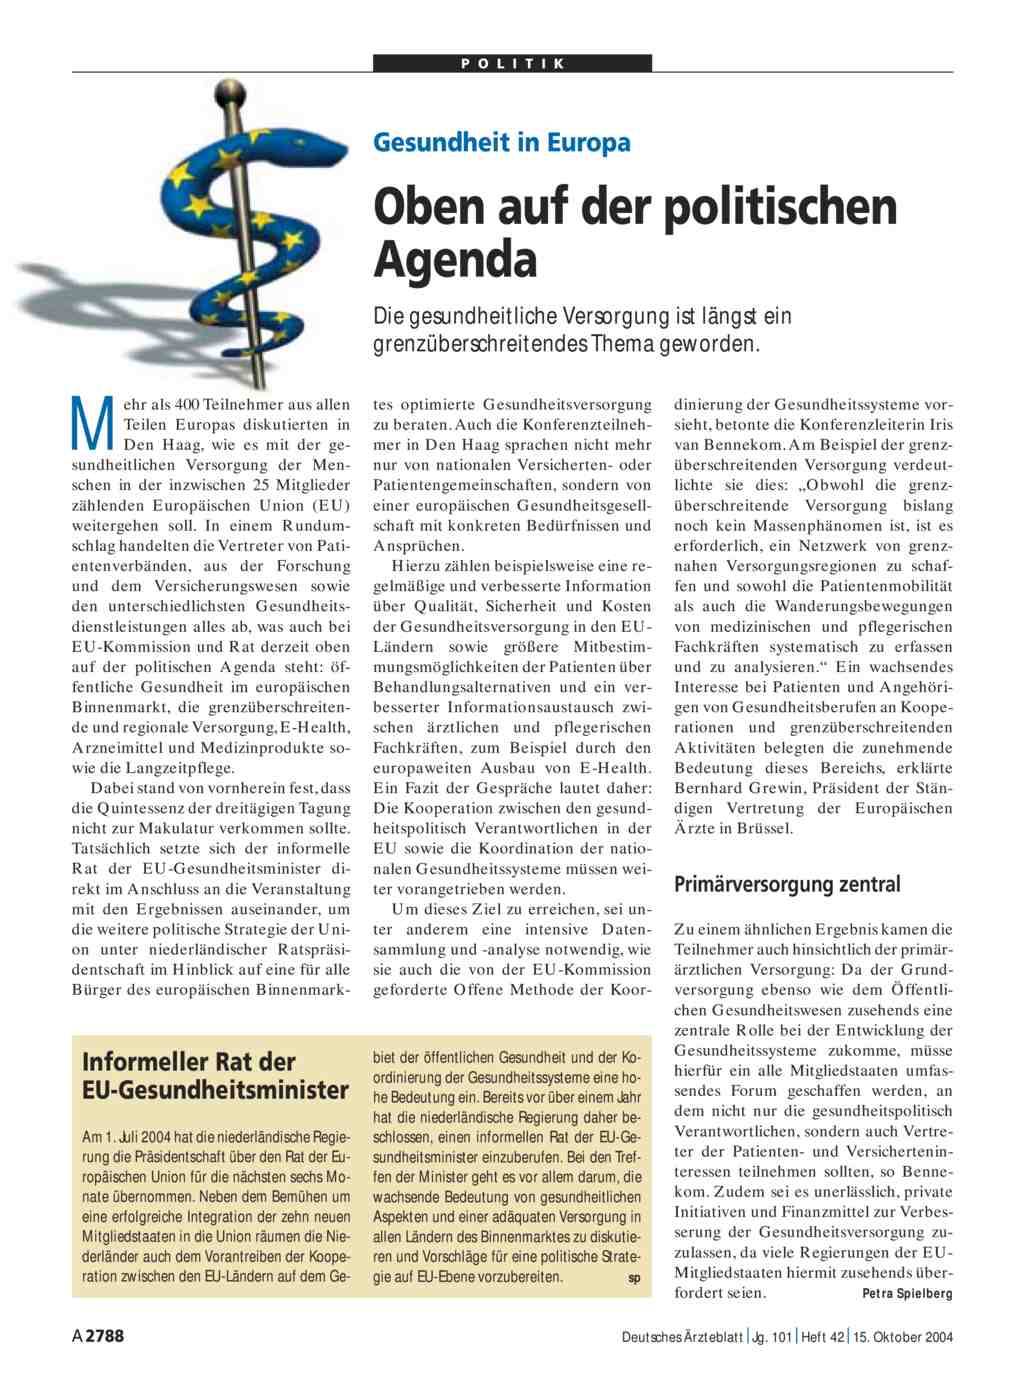 Gesundheit in Europa: Oben auf der politischen Agenda